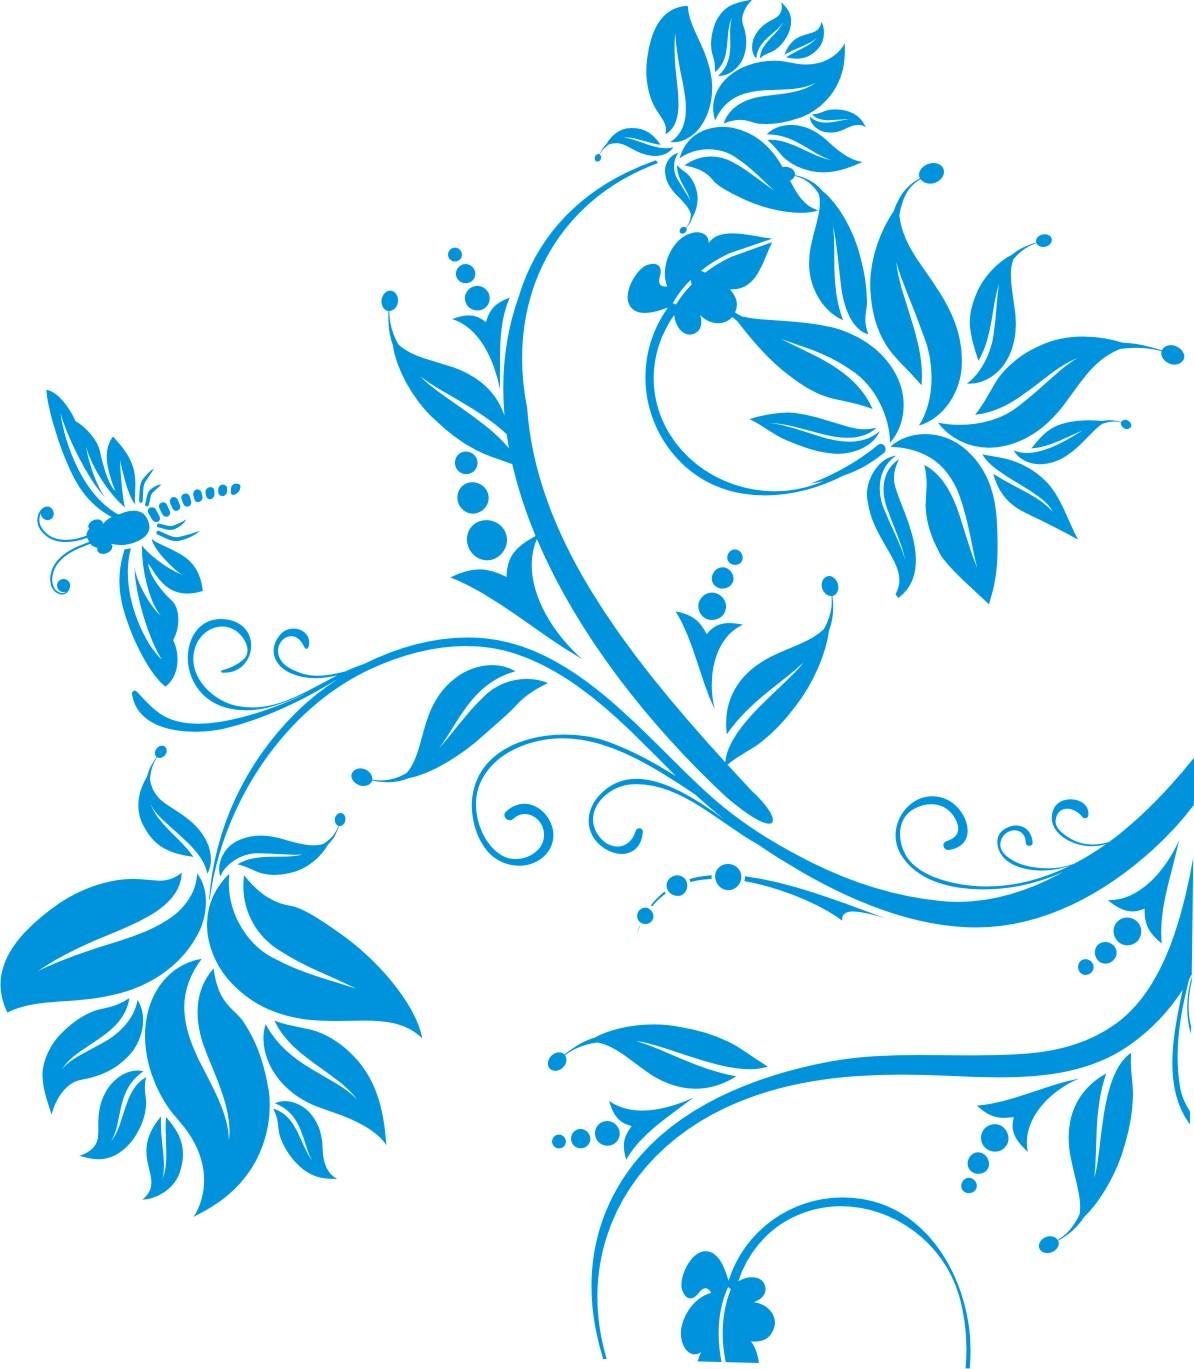 Oleh kreatifitasdircom | Dipublikasikan Juli 25, 2012 | Ukuran penuh ...